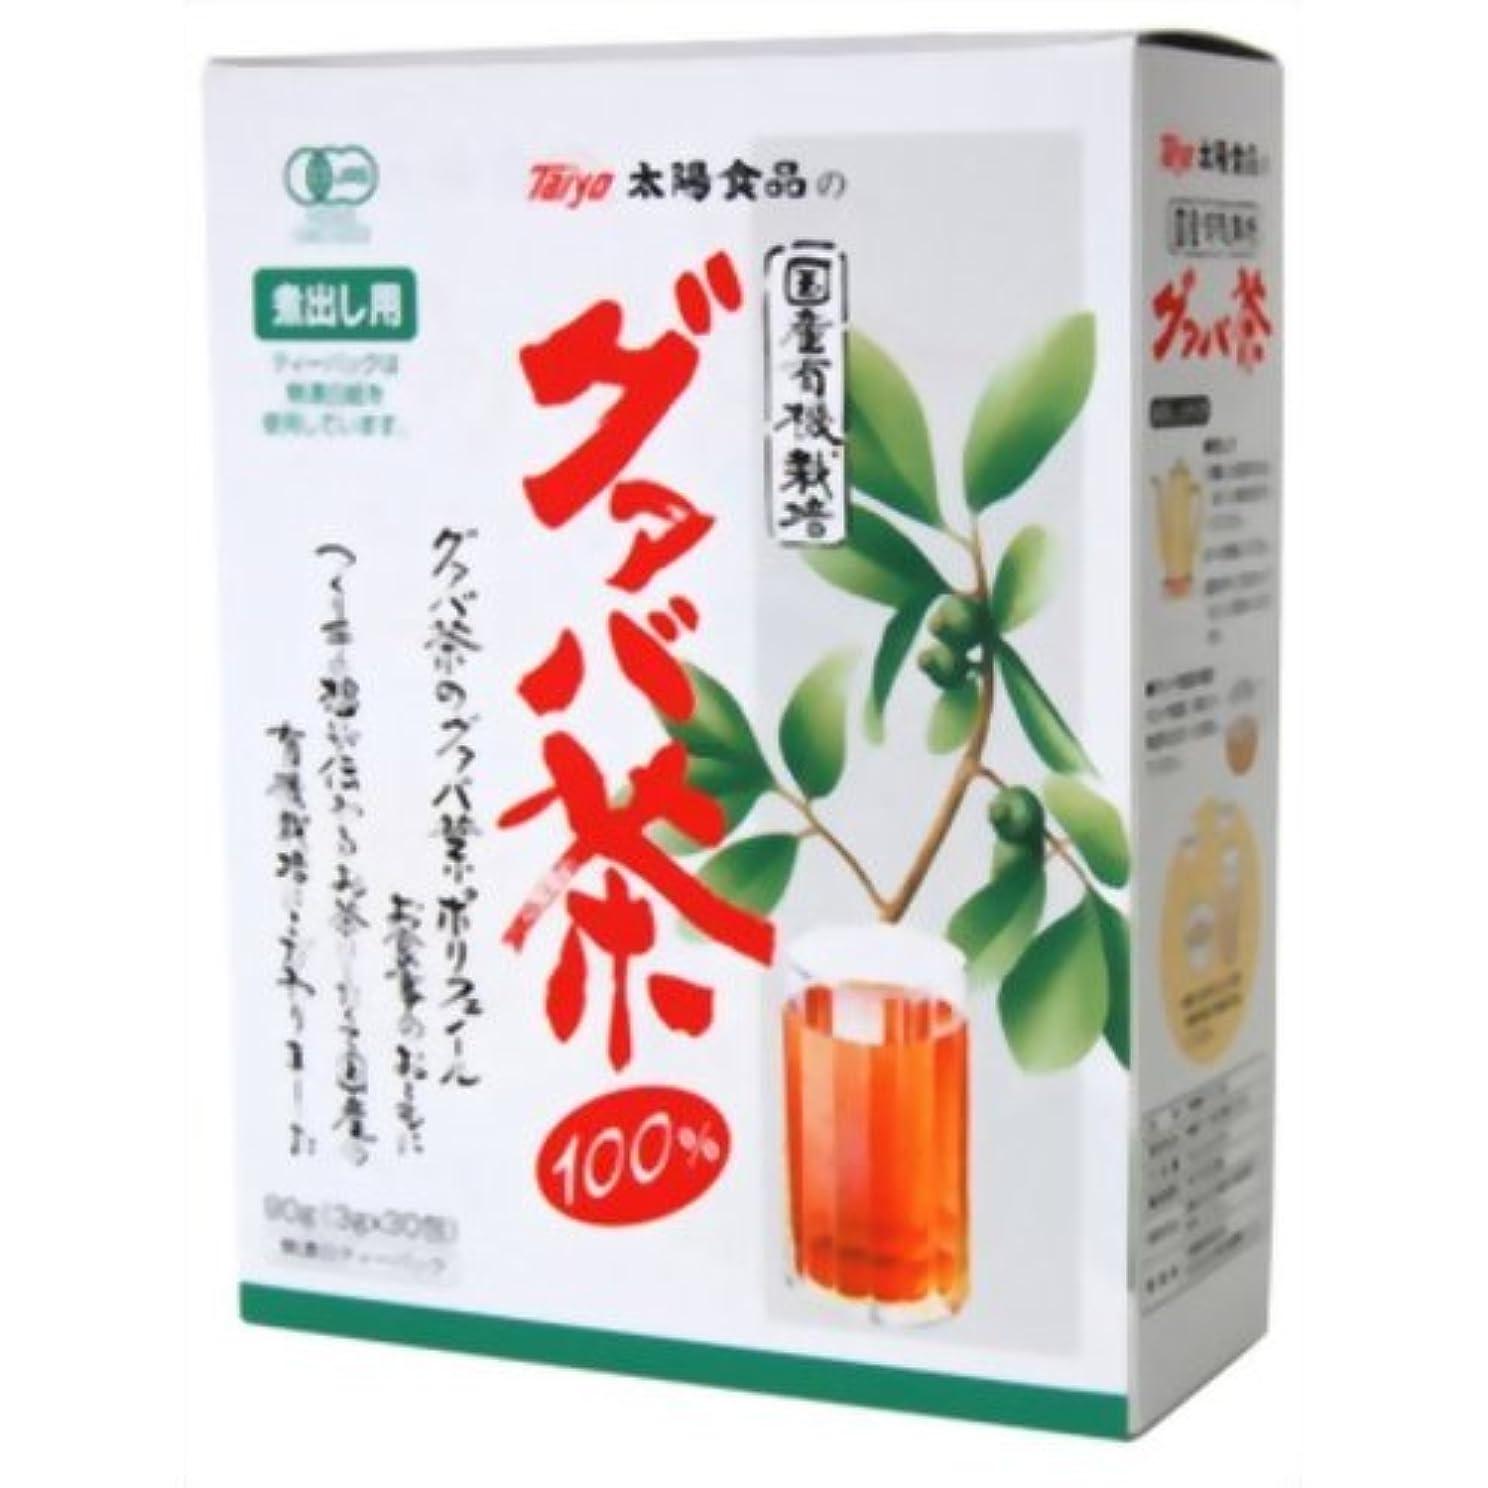 後者はっきりしない精神国産有機栽培グアバ茶 3gX30包